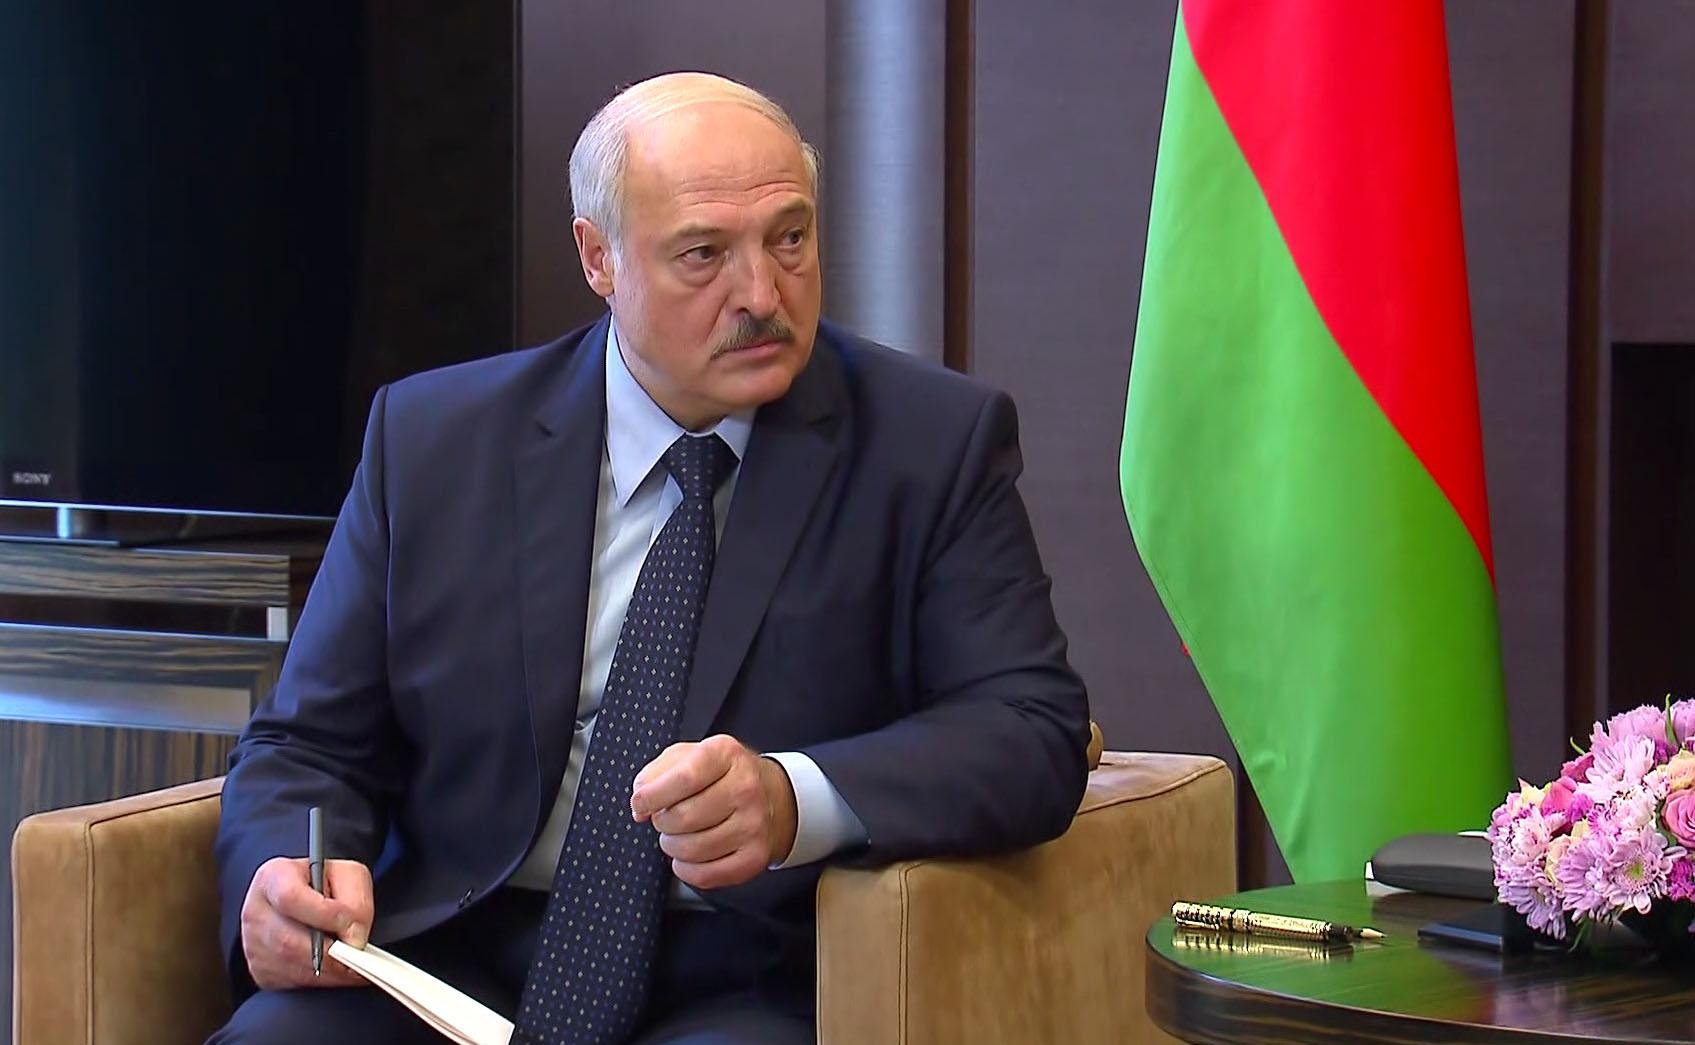 Valko-Venäjän kuohunta alkoi Aljaksandr Lukašenkan voitettua vilpilliset presidentinvaalit. Kuva: Wikimedia Commons